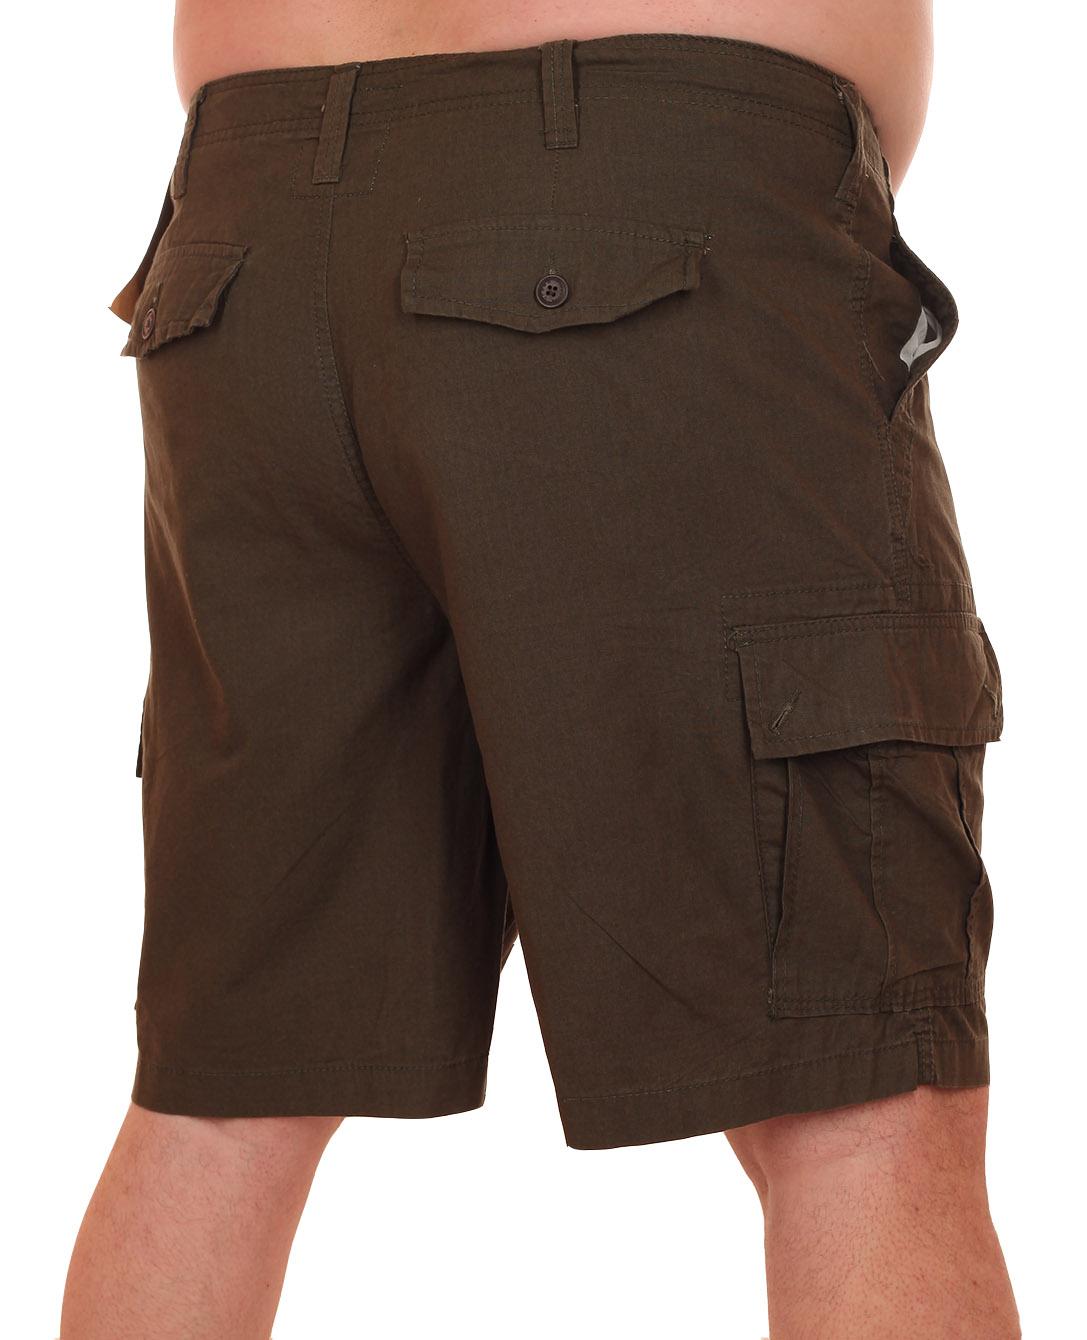 Заказать шорты цвета хаки для супер мужчин - баталы от Urban Pipeline